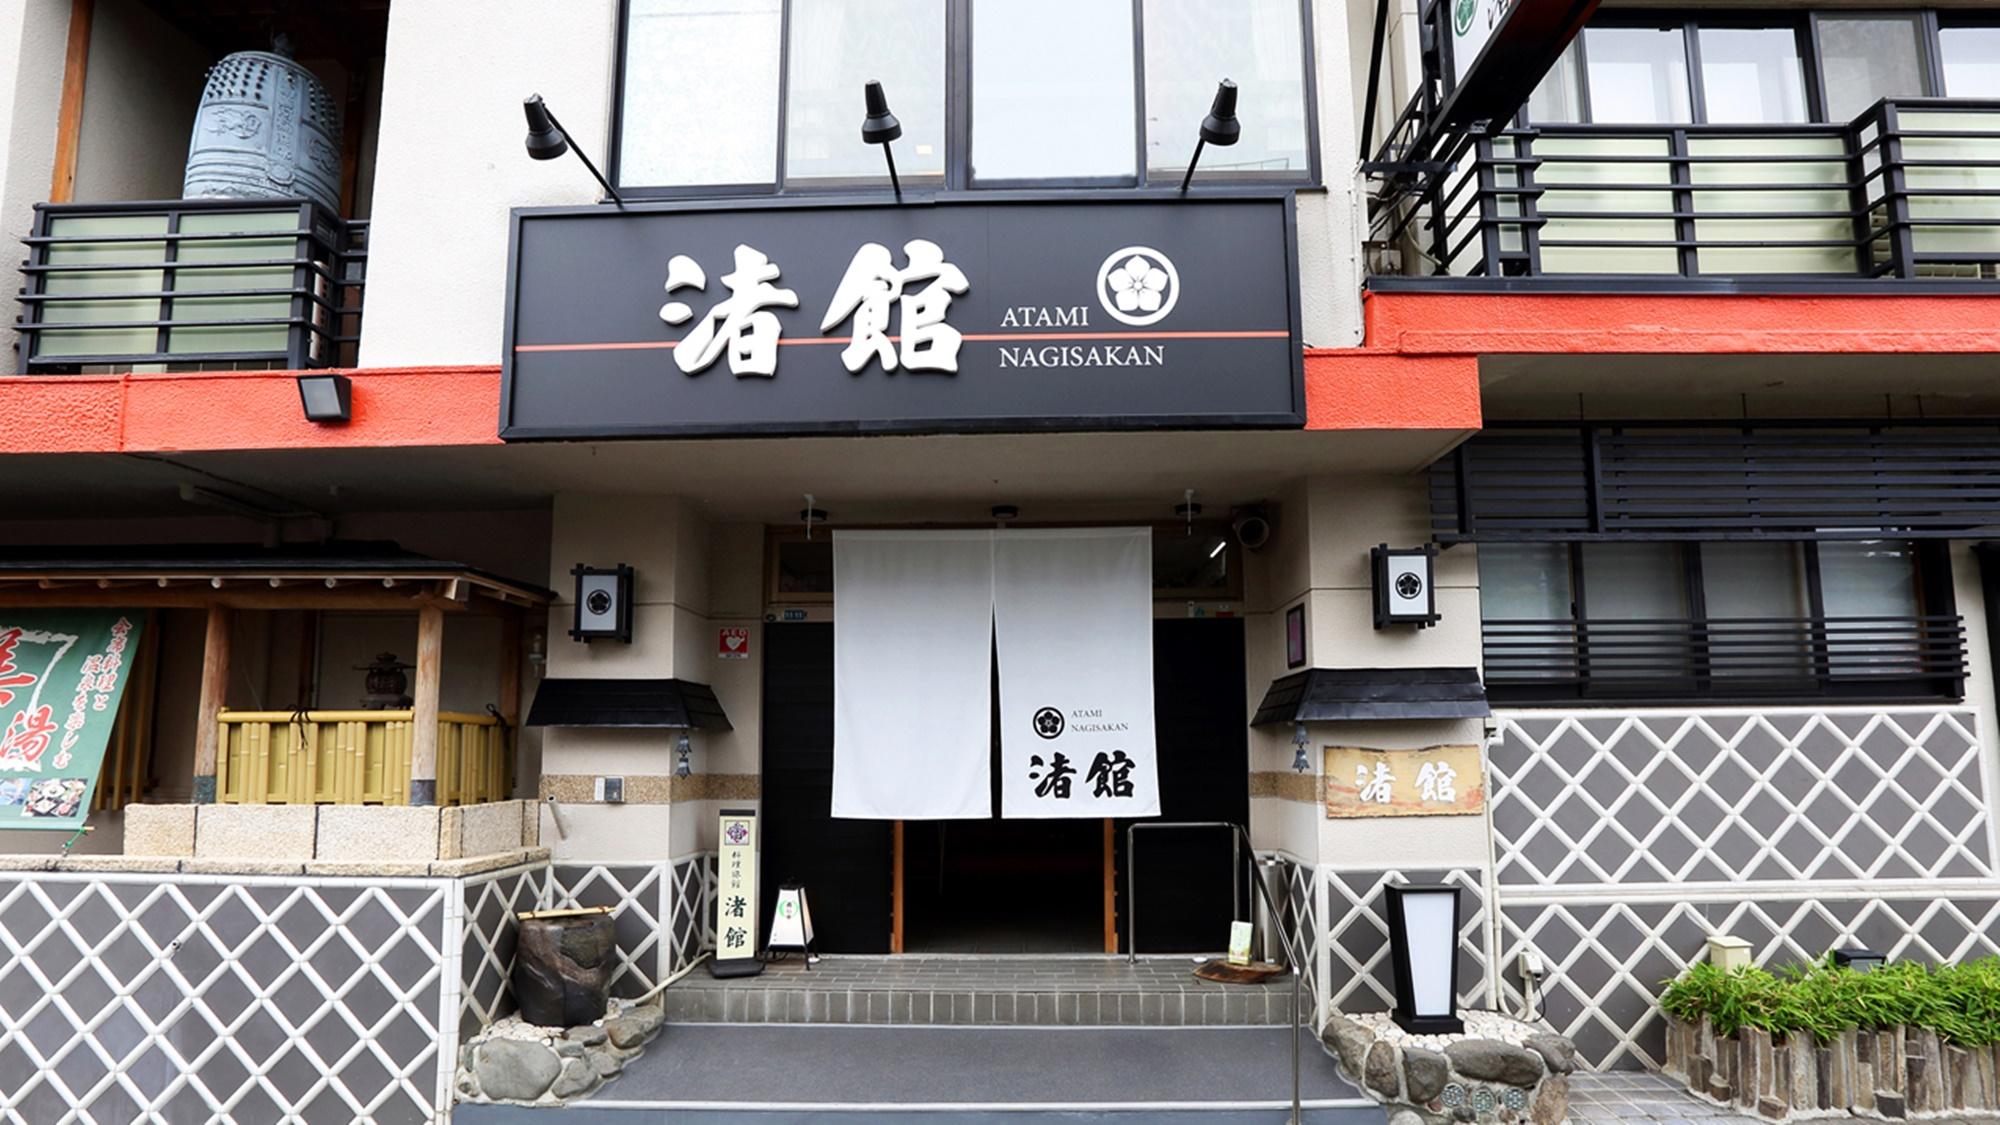 熱海温泉 料理旅館 渚館 image